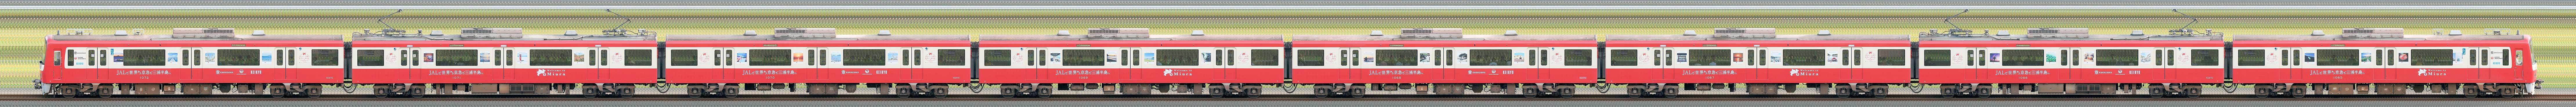 京急電鉄 新1000形(5次車)1065編成「行こう!秋の三浦半島」ラッピング(山側)の編成サイドビュー